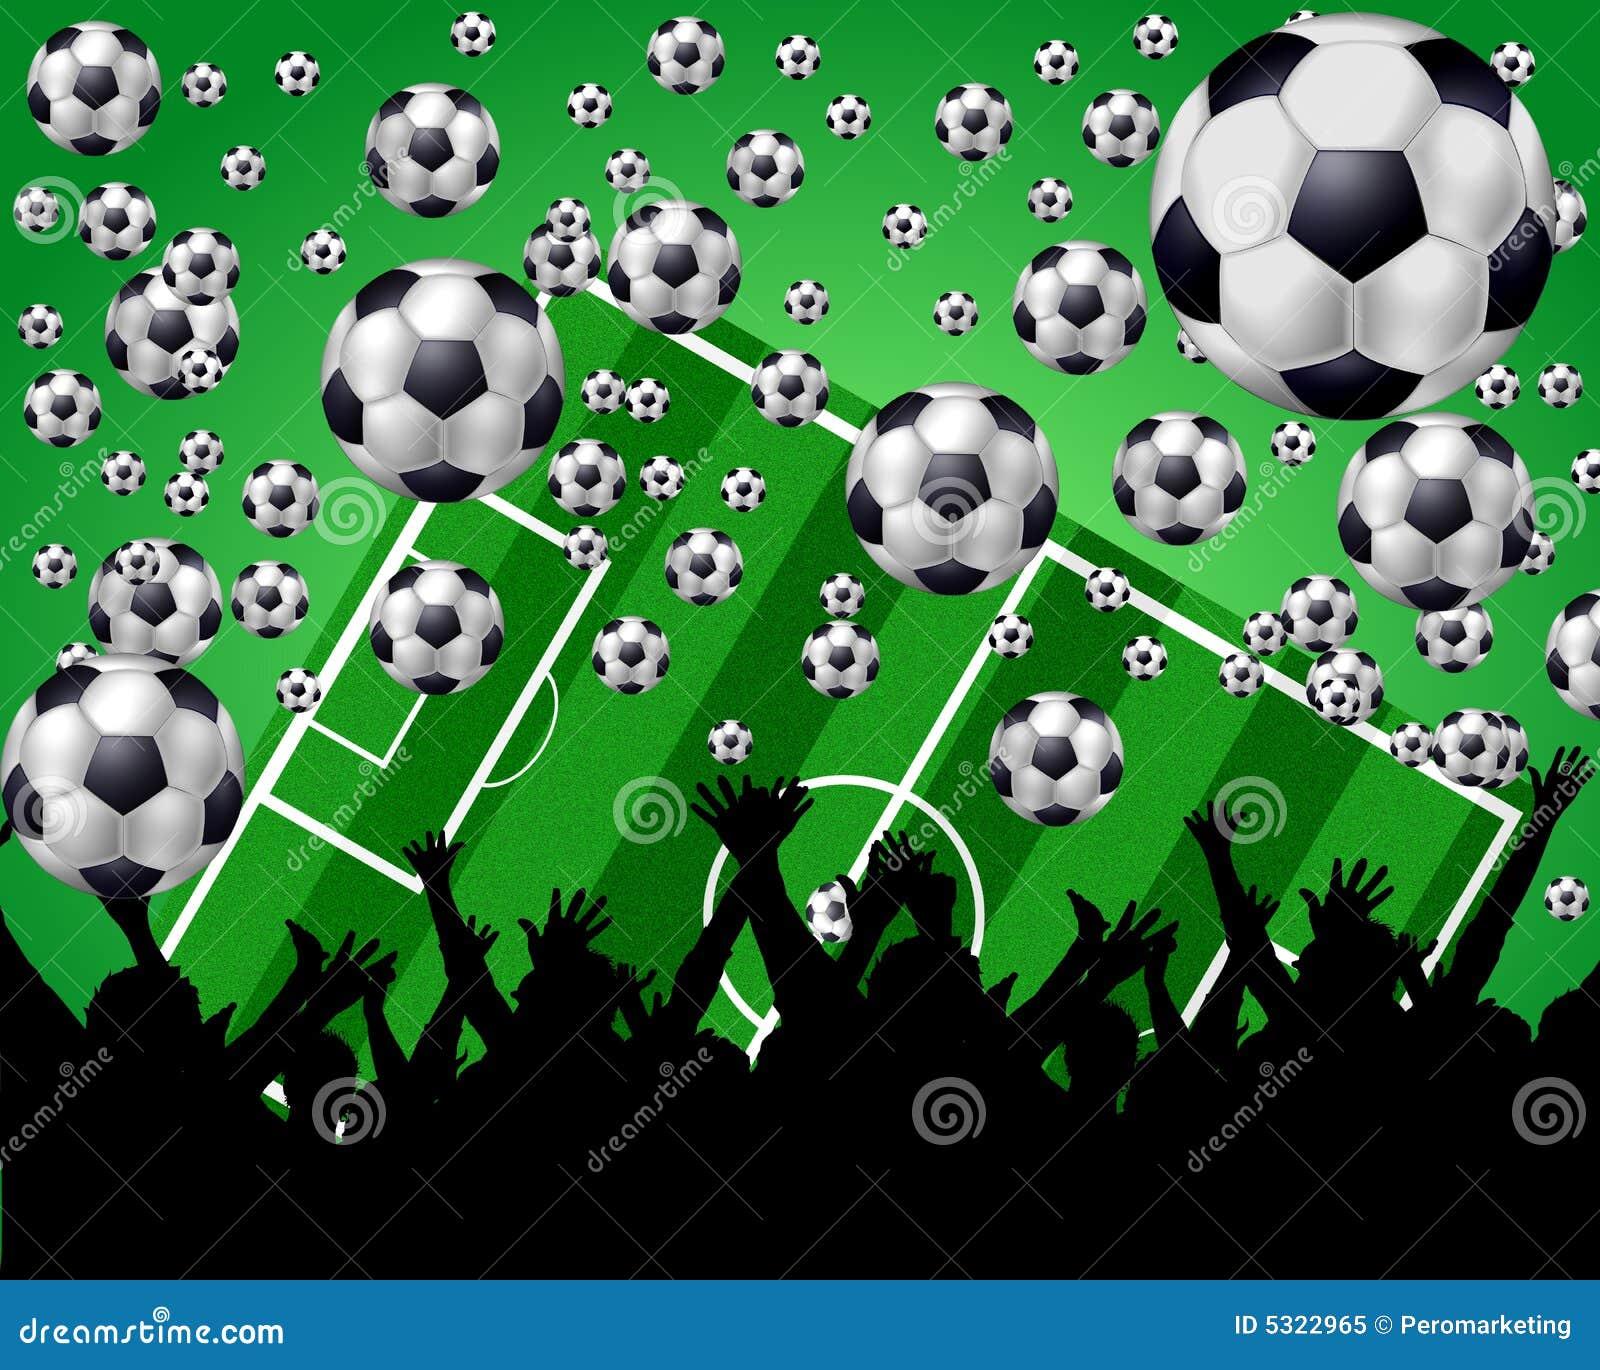 Esferas Campo E Ventiladores De Futebol No Fundo Verde